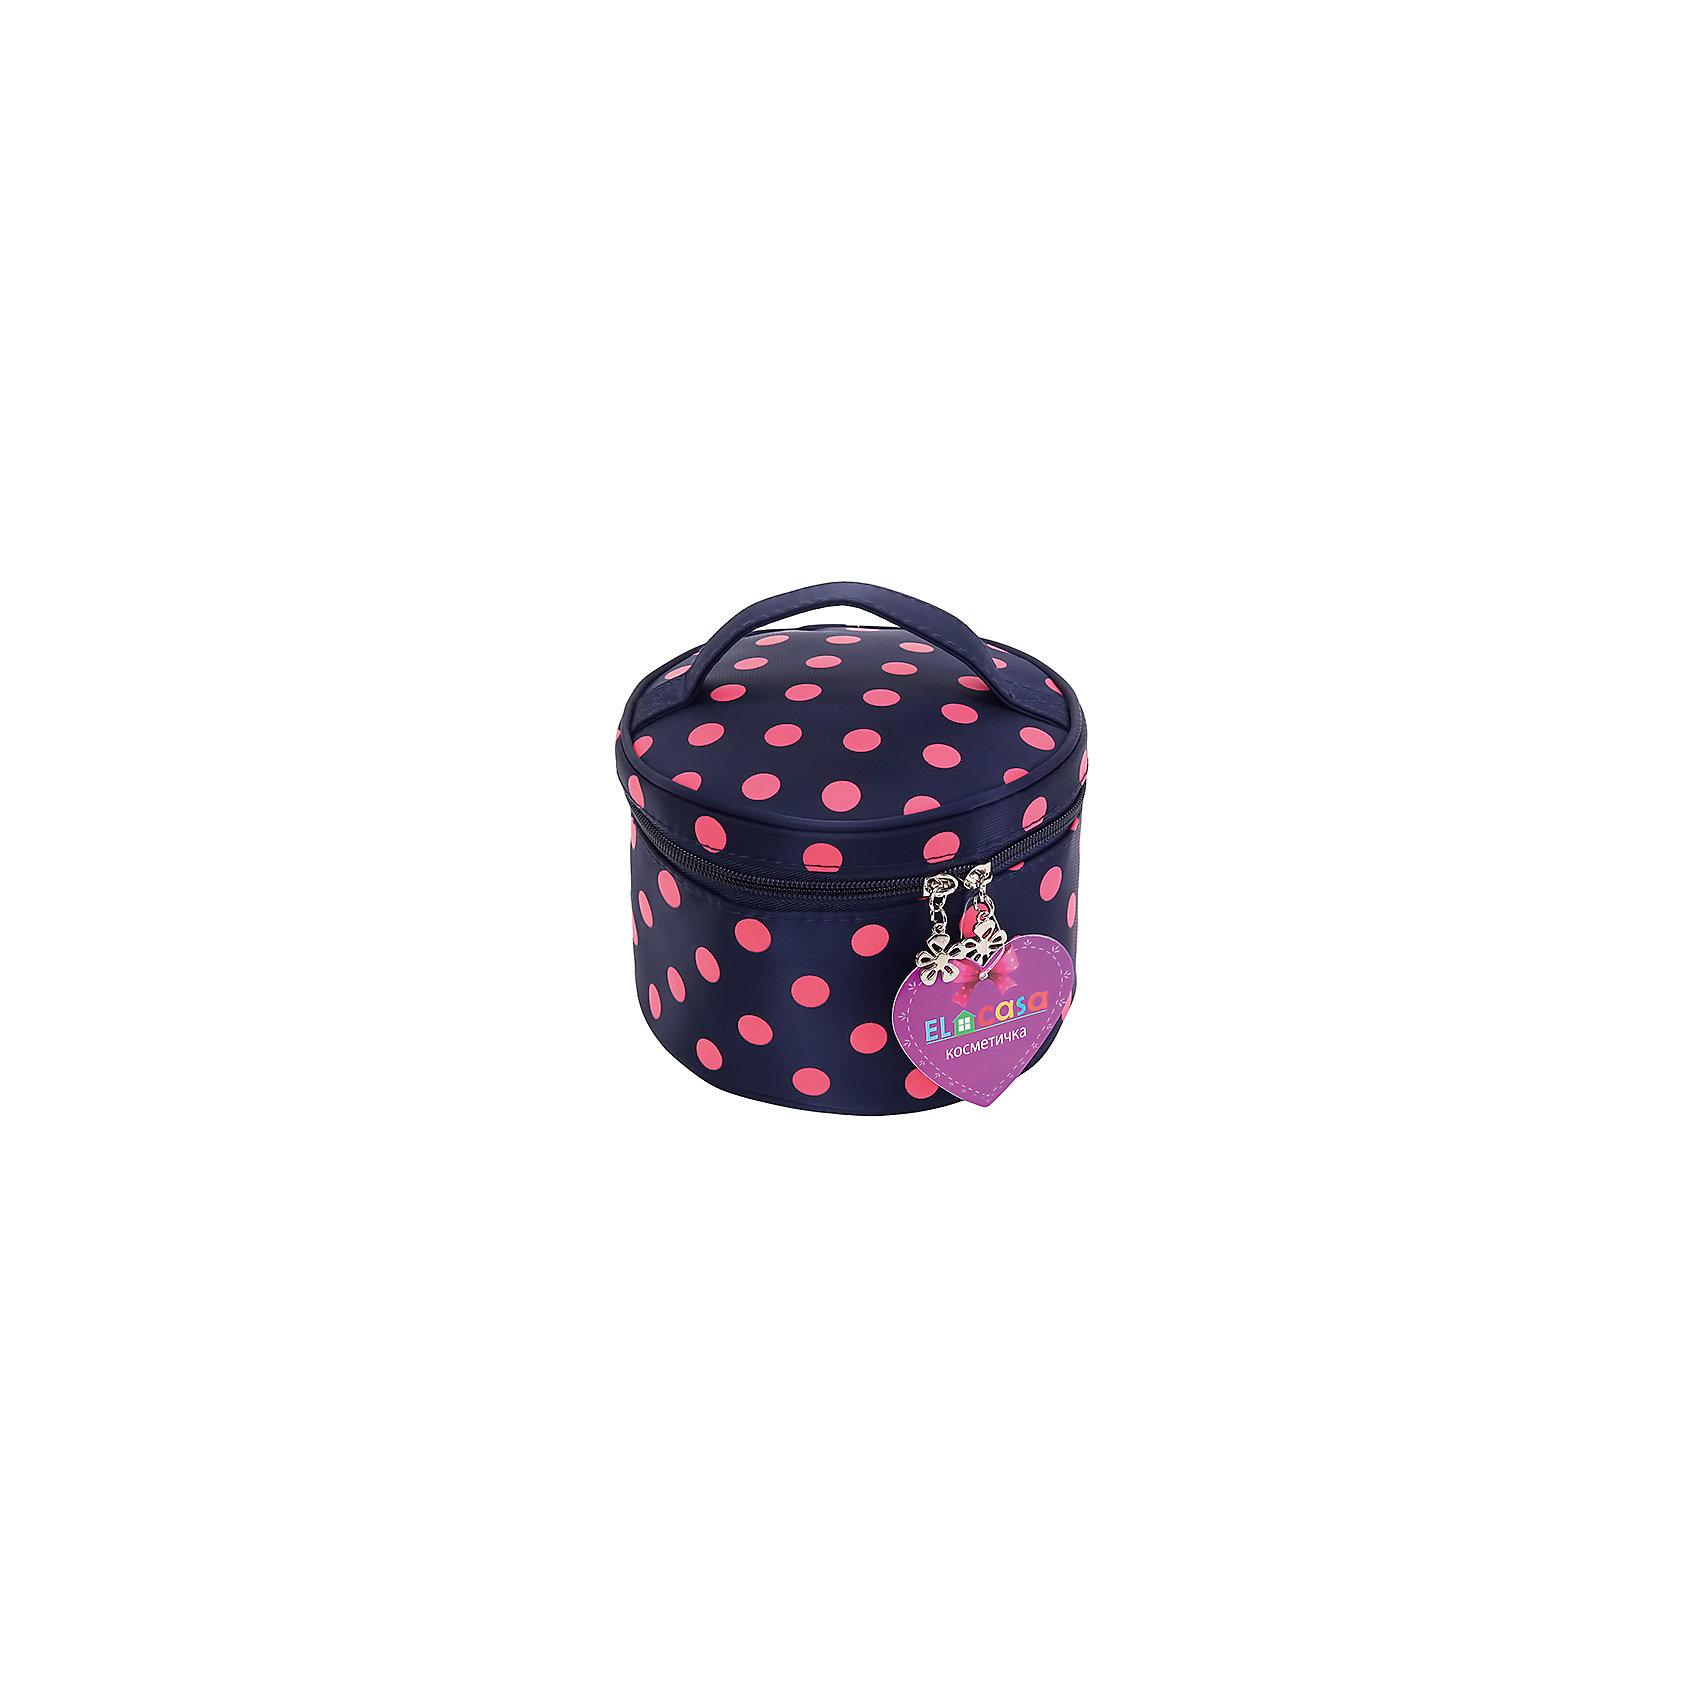 Косметичка Синяя с розовым горошком круглая, EL CasaВ дорогу<br>Характеристики товара:<br><br>• цвет: мульти<br>• материал: полиэстер 100%<br>• размер: 17 х 17 х 12 см<br>• вес: 100 г<br>• декорирована принтом<br>• застежка: молния<br>• ручка<br>• стильный дизайн<br>• удобная<br>• защита вещей от пыли<br>• универсальный размер<br>• страна бренда: Российская Федерация<br>• страна производства: Китай<br><br>Эта косметичка - отличный пример красивой и функциональной вещи. В ней удобной хранить различные мелочи, благодаря универсальному дизайну и небольшому размеру косметичка легко влезает в сумочку.<br><br>Яркая косметичка может стать отличным приобретением для дома или подарком для любителей красивых оригинальных вещей.<br><br>Бренд EL Casa - это красивые и практичные товары для дома с современным дизайном. Они добавляют в жильё уюта и комфорта! <br><br>Косметичку Синяя с розовым горошком круглая, EL Casa, можно купить в нашем интернет-магазине.<br><br>Ширина мм: 170<br>Глубина мм: 170<br>Высота мм: 30<br>Вес г: 120<br>Возраст от месяцев: 0<br>Возраст до месяцев: 1188<br>Пол: Унисекс<br>Возраст: Детский<br>SKU: 6668809